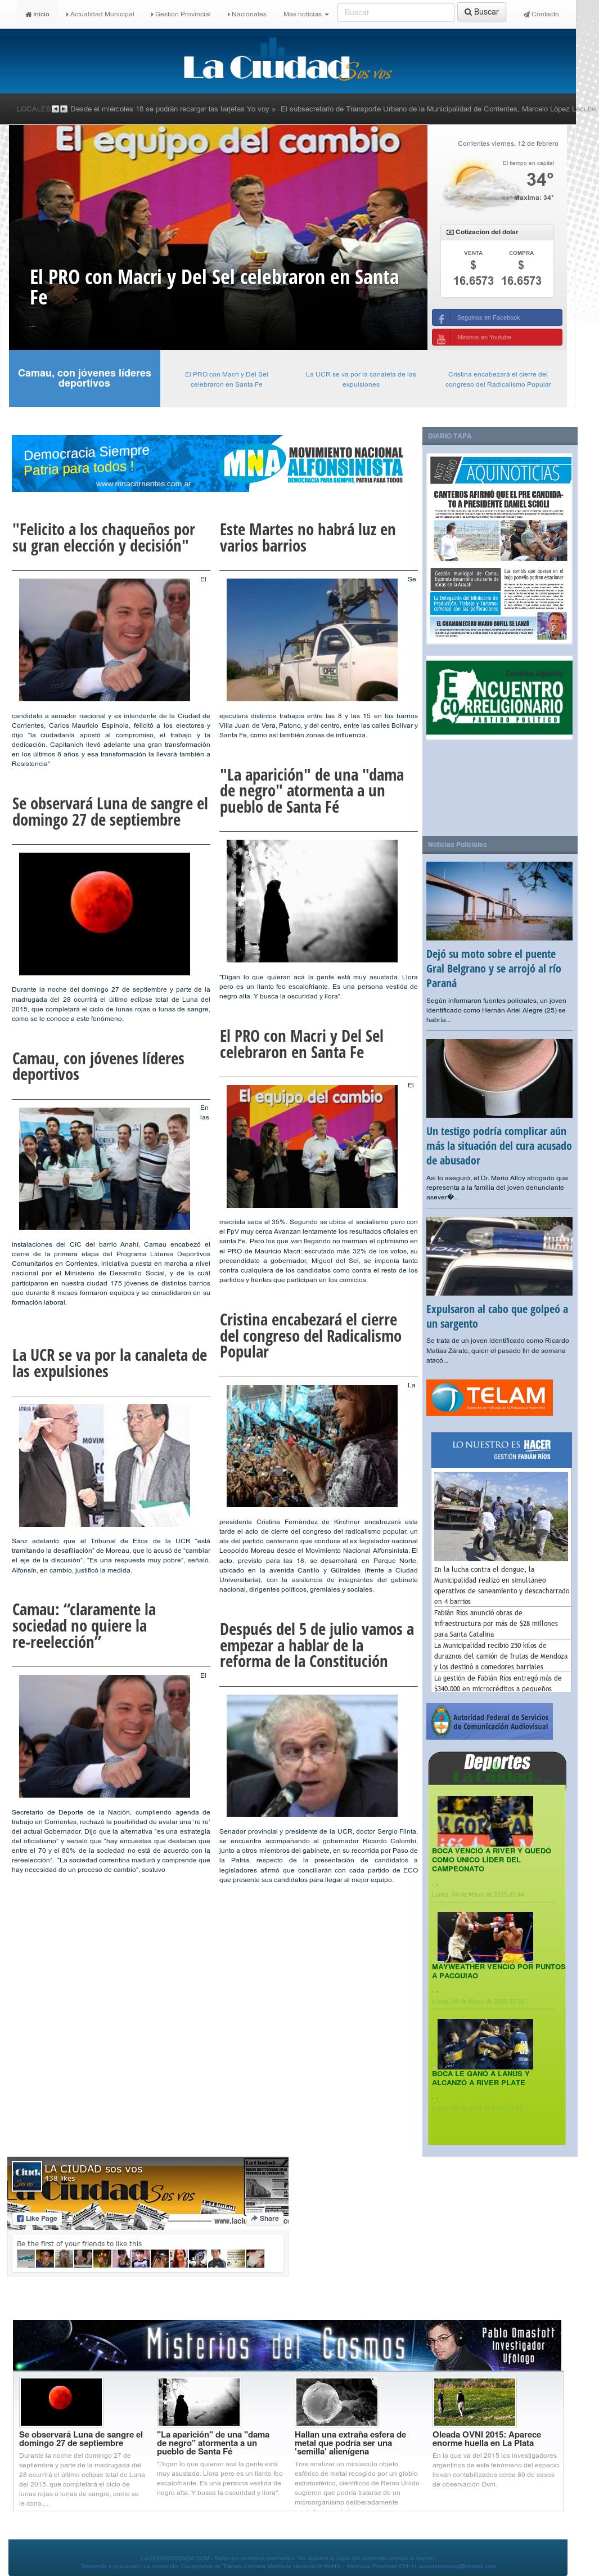 La Ciudad Sos Vos Competitors, Revenue and Employees - Owler Company Profile